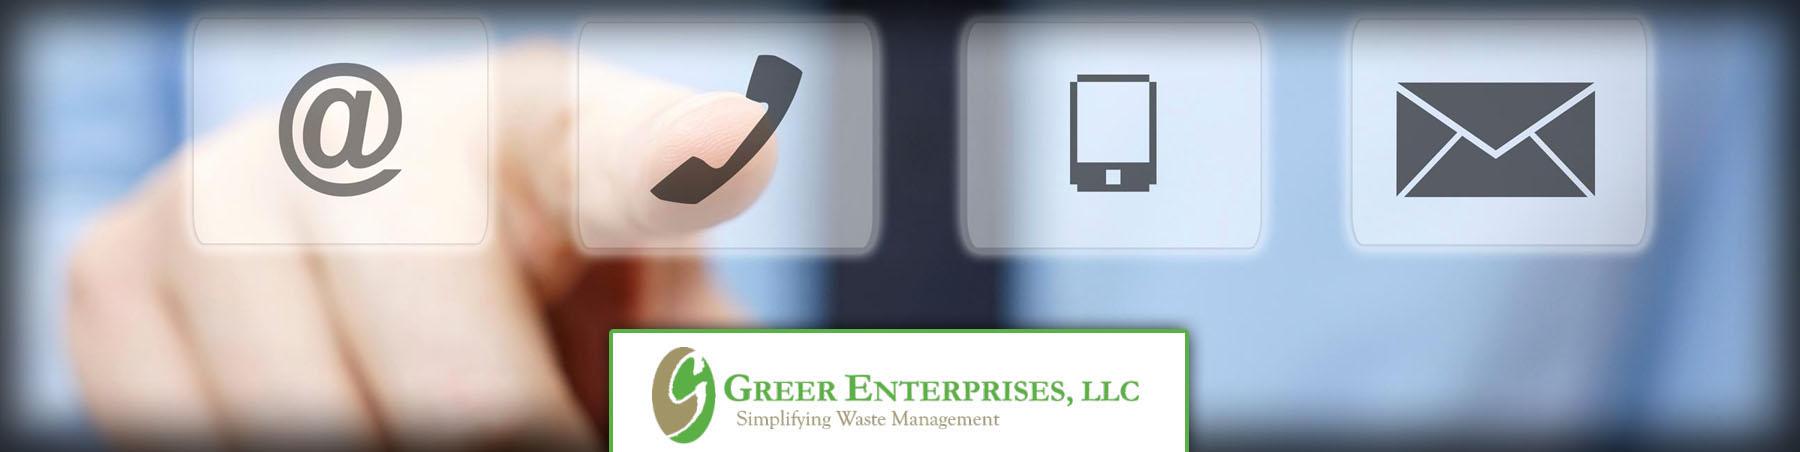 cont-us-greer-enterprises-mobile-al